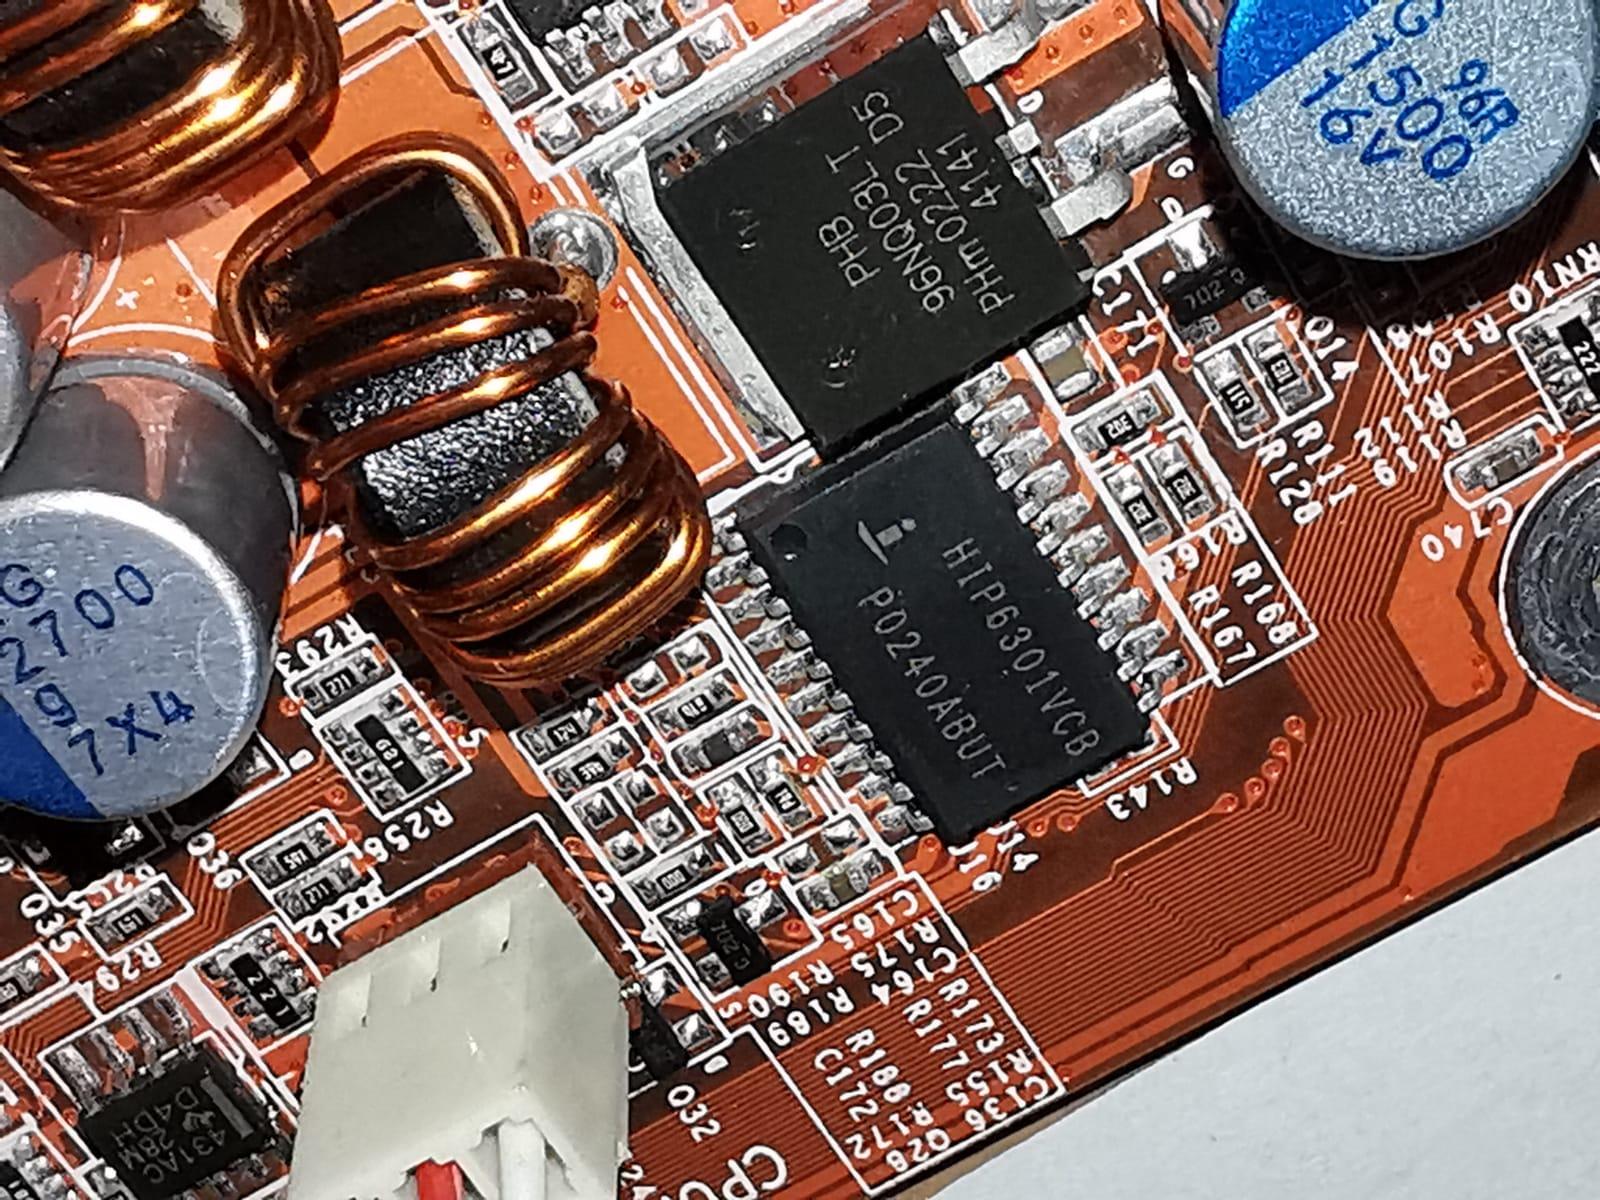 ffb6936f-bb3a-438d-af55-53e095918feb.jpg